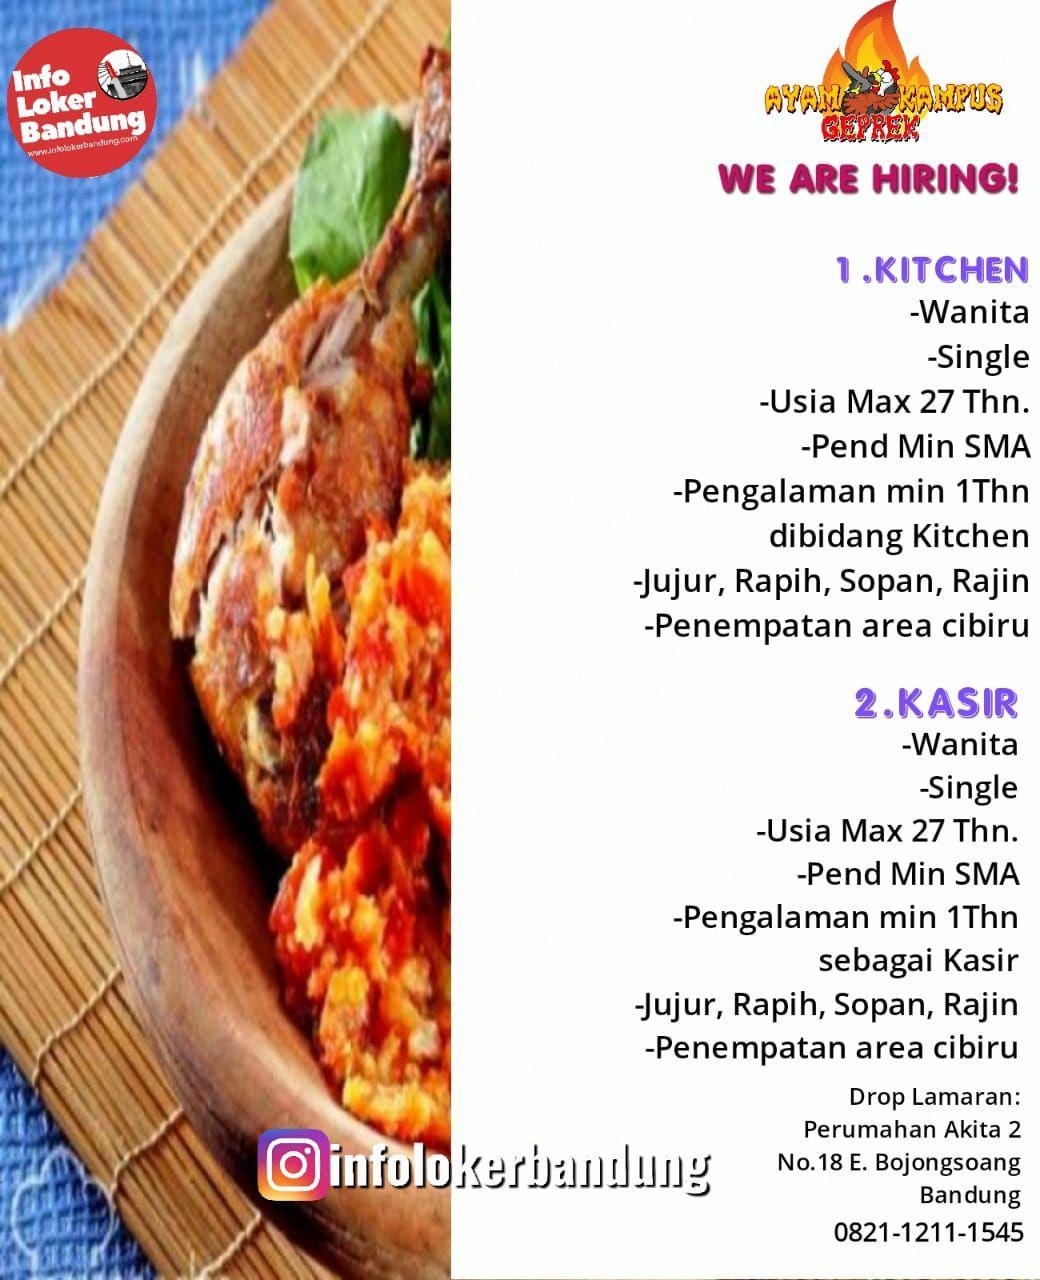 Lowongan Kerja Ayam Geprek Kampus Indonesia Bandung Maret 2019